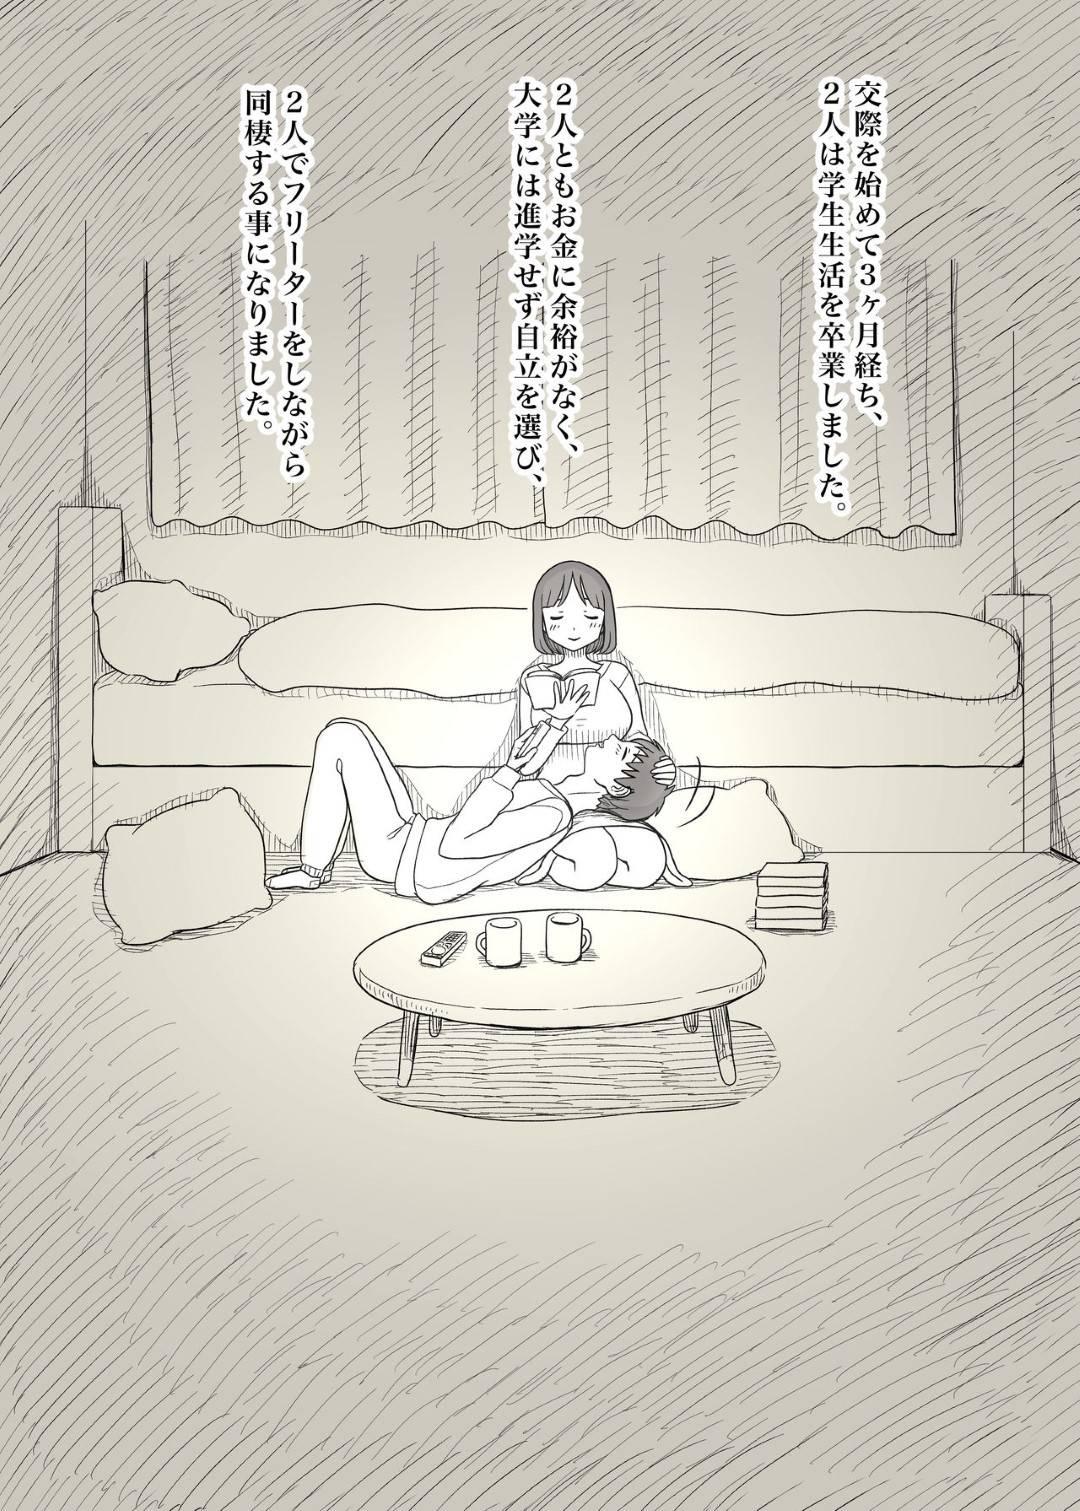 【エロ漫画】彼氏にSM系のAVを見ていたのがバレてしまった彼女の清楚系JK…隠れMな彼女は彼にハードなプレイを求め、中出しやイラマチオ、目隠しプレイなどを受け入れるように!【ひまわりのたね:隠れMな女子の草食彼氏S育日記】